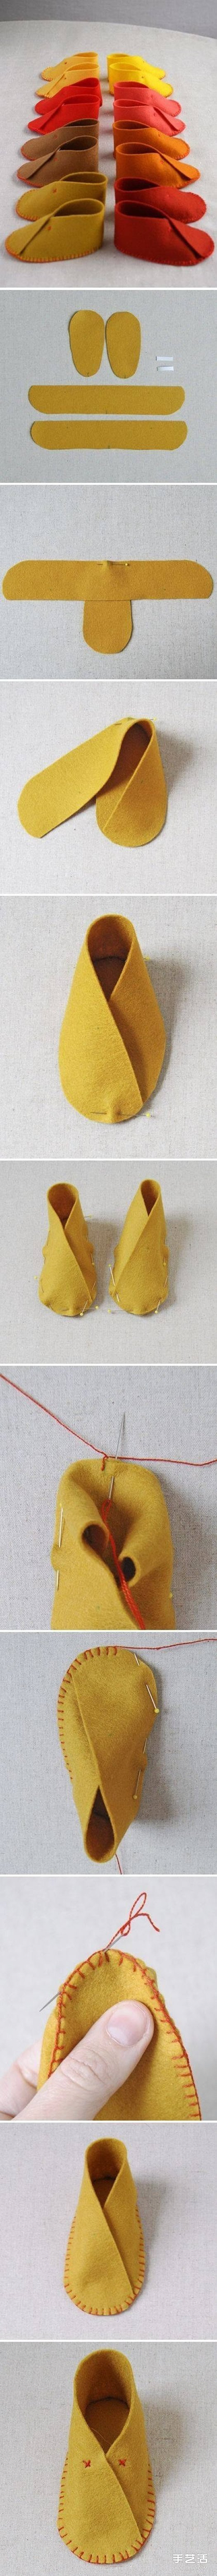 九种婴儿鞋的做法图解 婴儿鞋制作方法过程 -  www.shouyihuo.com